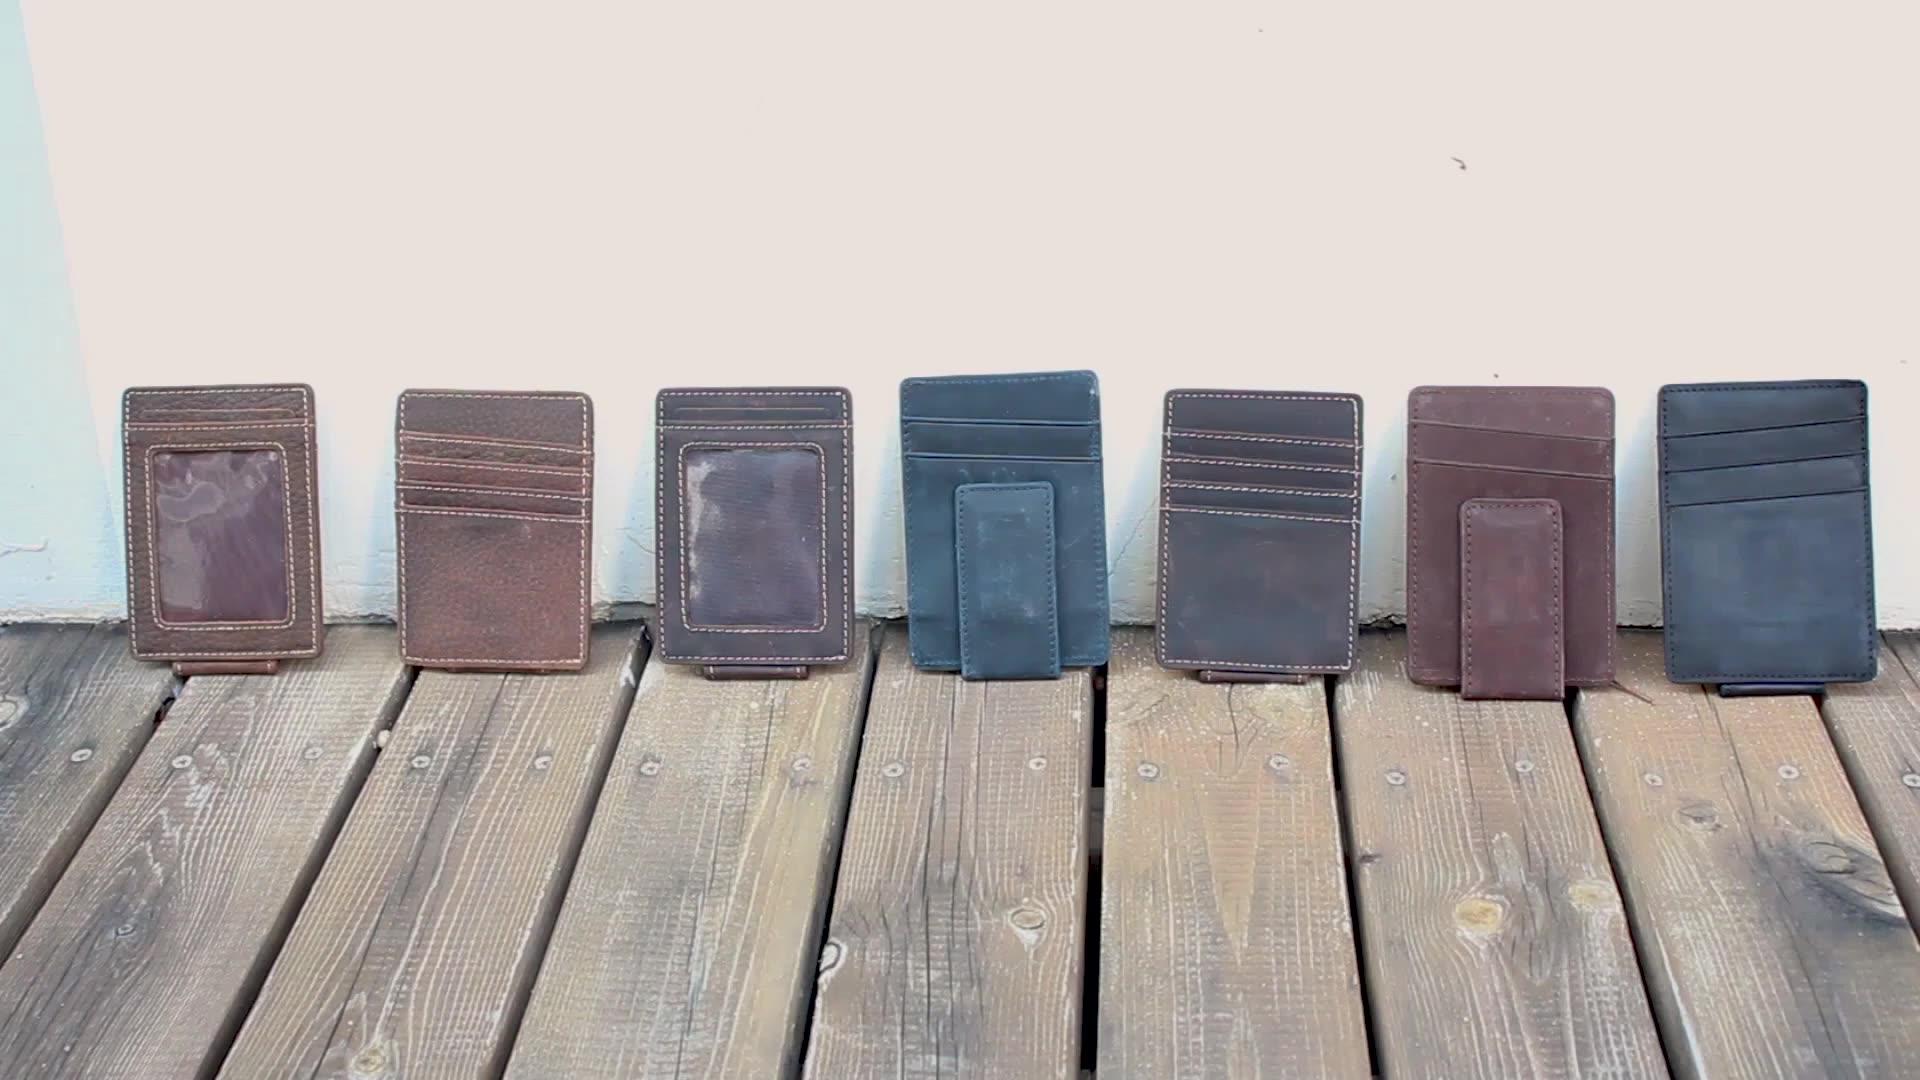 Ví Da Chặn RFID Thật Cho Nam, Ví Đựng Tiền Theo Yêu Cầu Tối Giản Mỏng